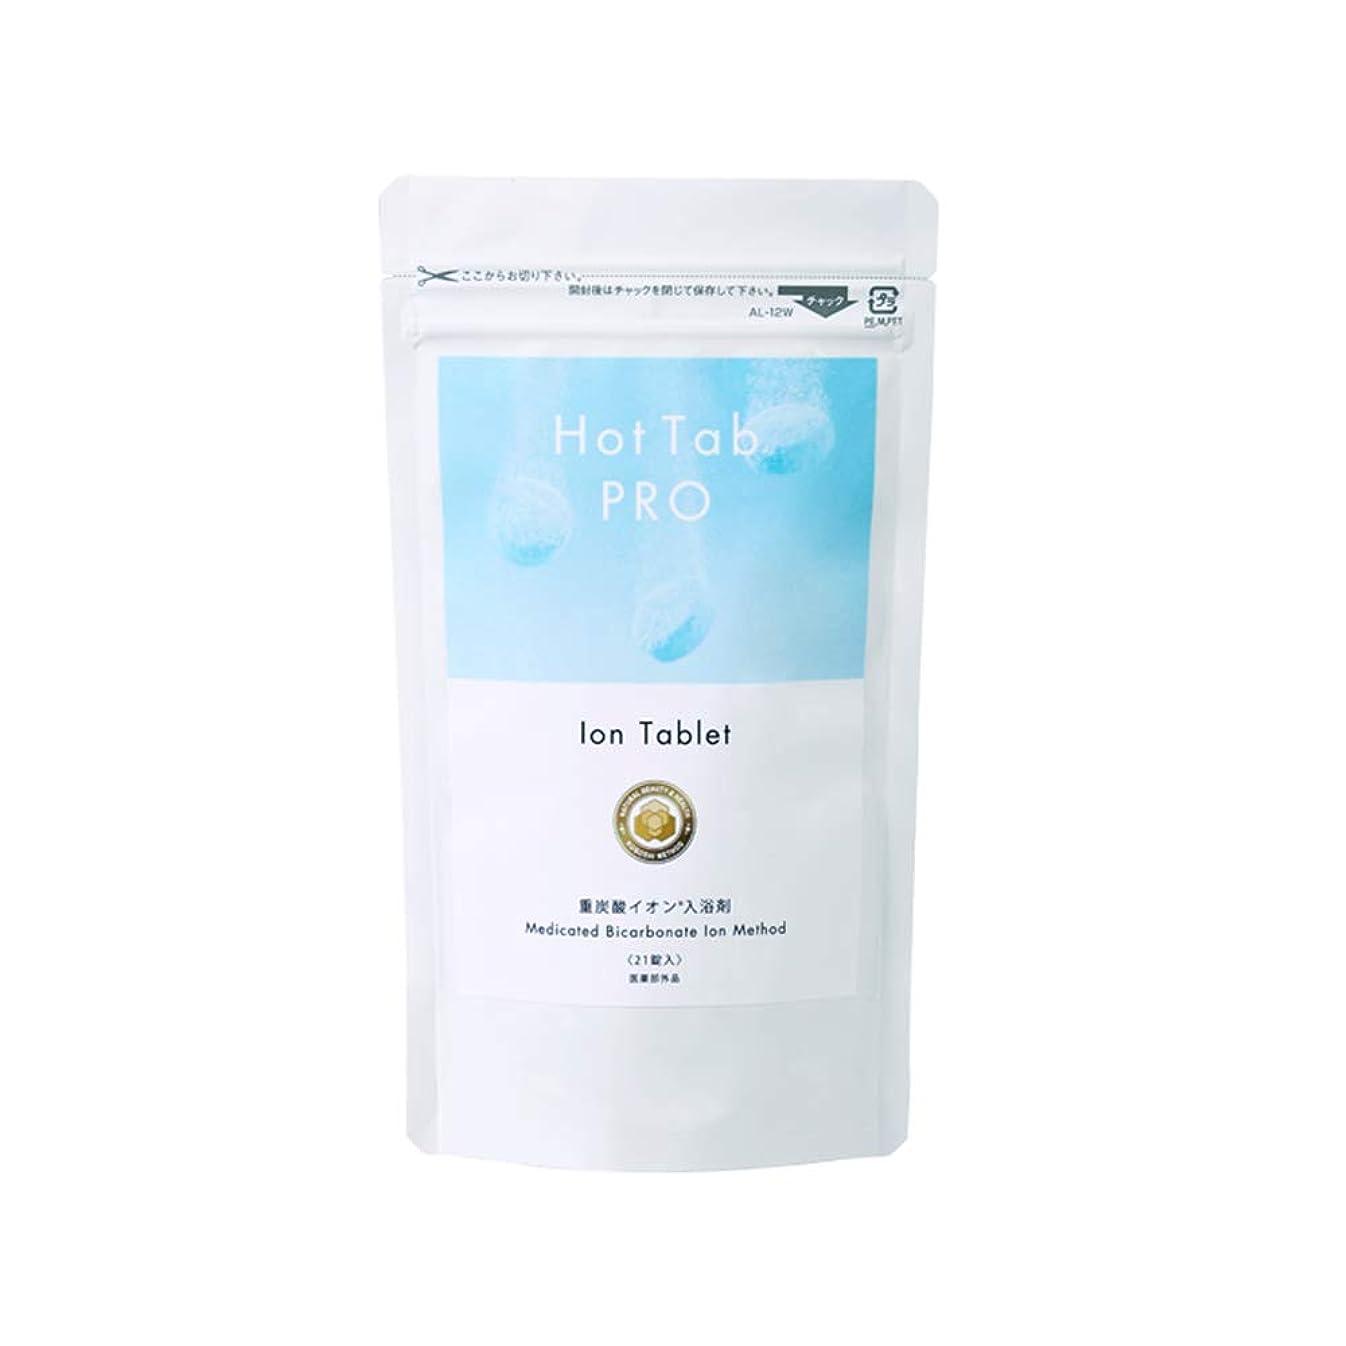 国民市民染料最新型 日本製なめらか重炭酸入浴剤「ホットタブPro」(デリケートな肌でも安心 無香料 無着色 中性pH) (21錠セット)